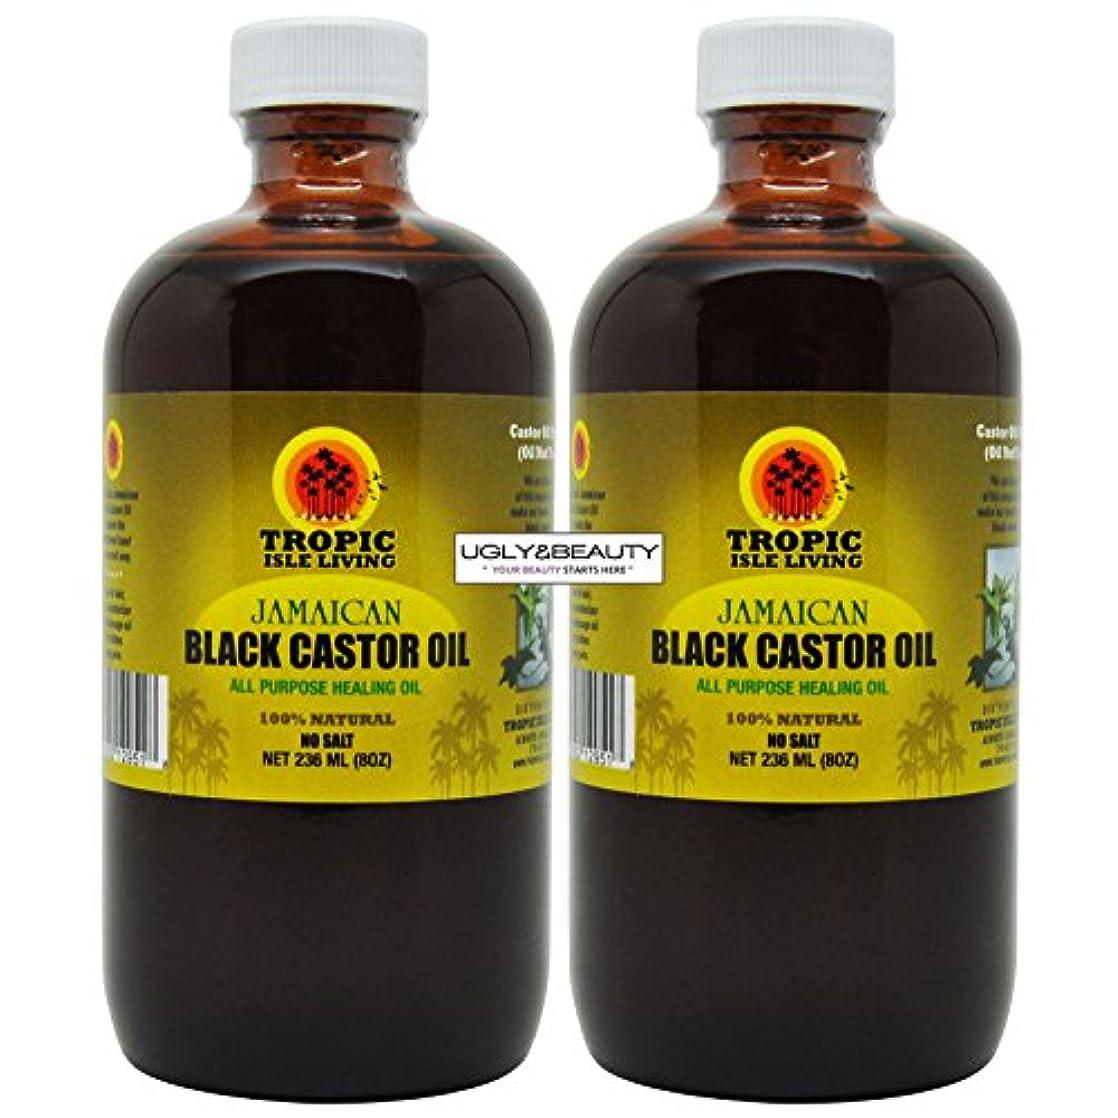 女将含める養う熱帯の島に住むジャマイカ黒ビーバーのカストリウム 118ml 2パック